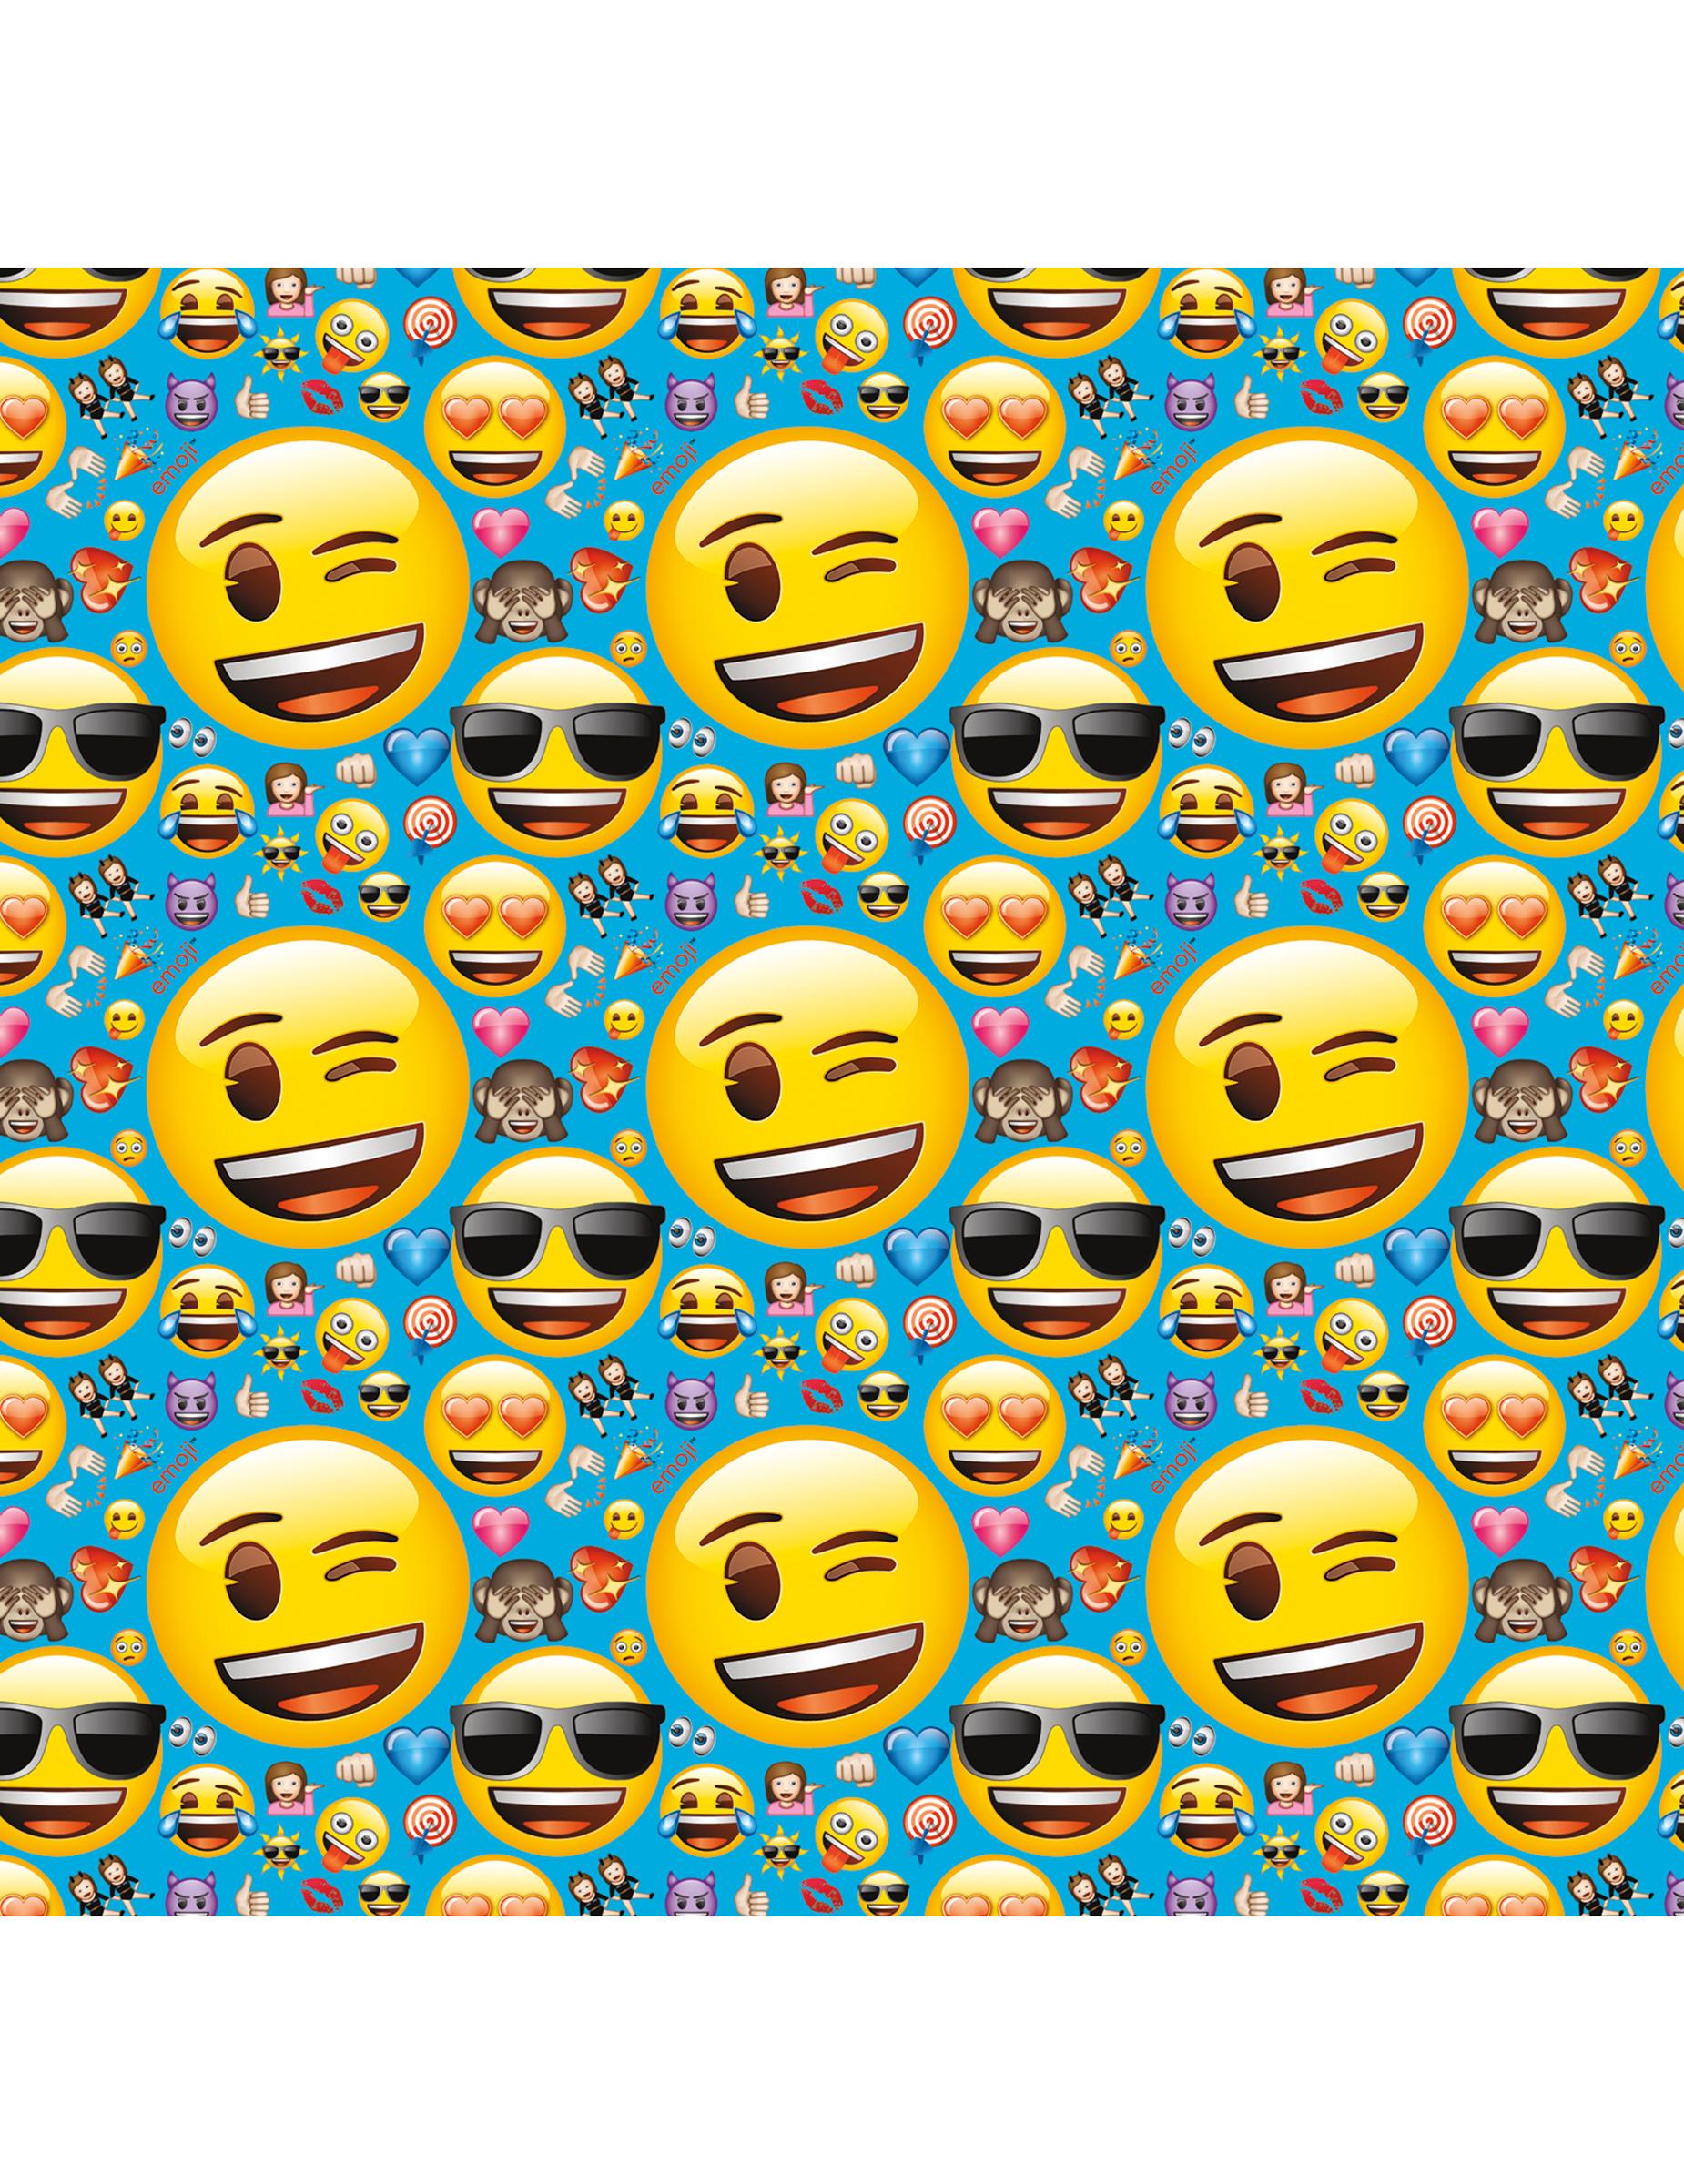 papier cadeau emoji achat de decoration animation sur vegaoopro grossiste en d guisements. Black Bedroom Furniture Sets. Home Design Ideas